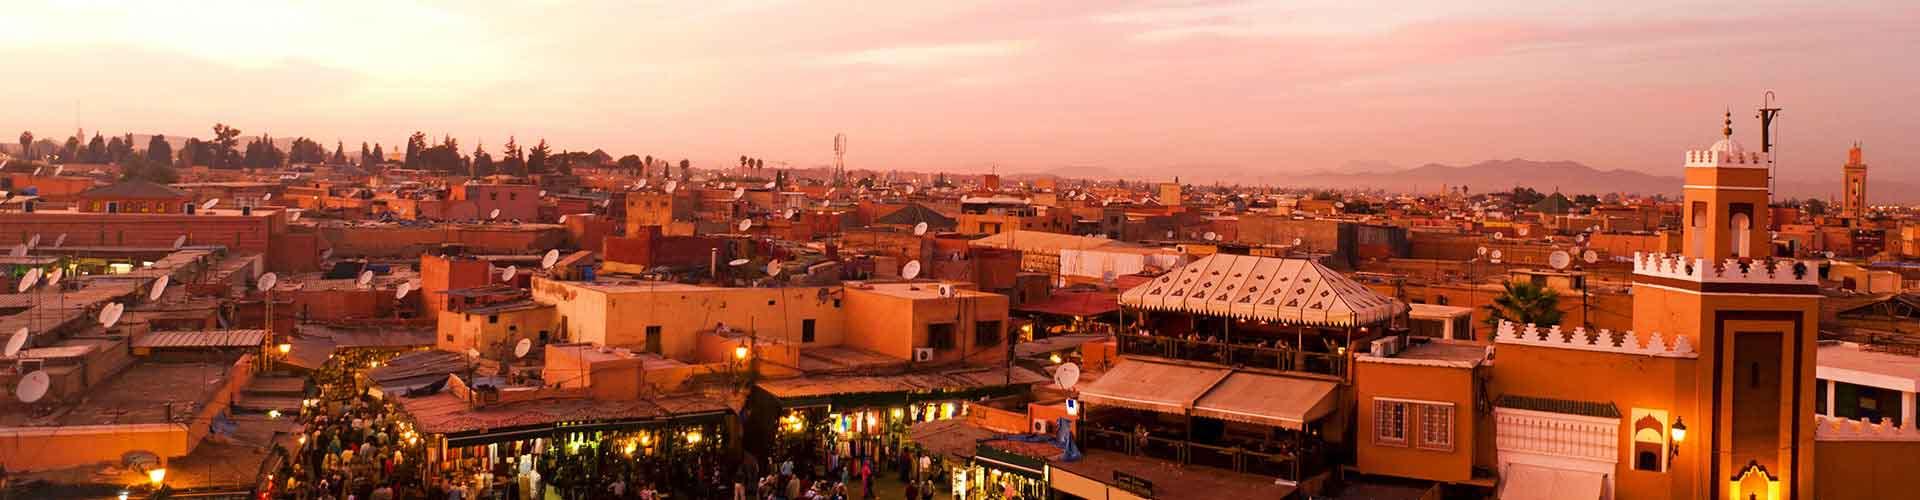 Marrakech - Hostales en Marrakech. Mapas de Marrakech, Fotos y comentarios de cada Hostal en Marrakech.